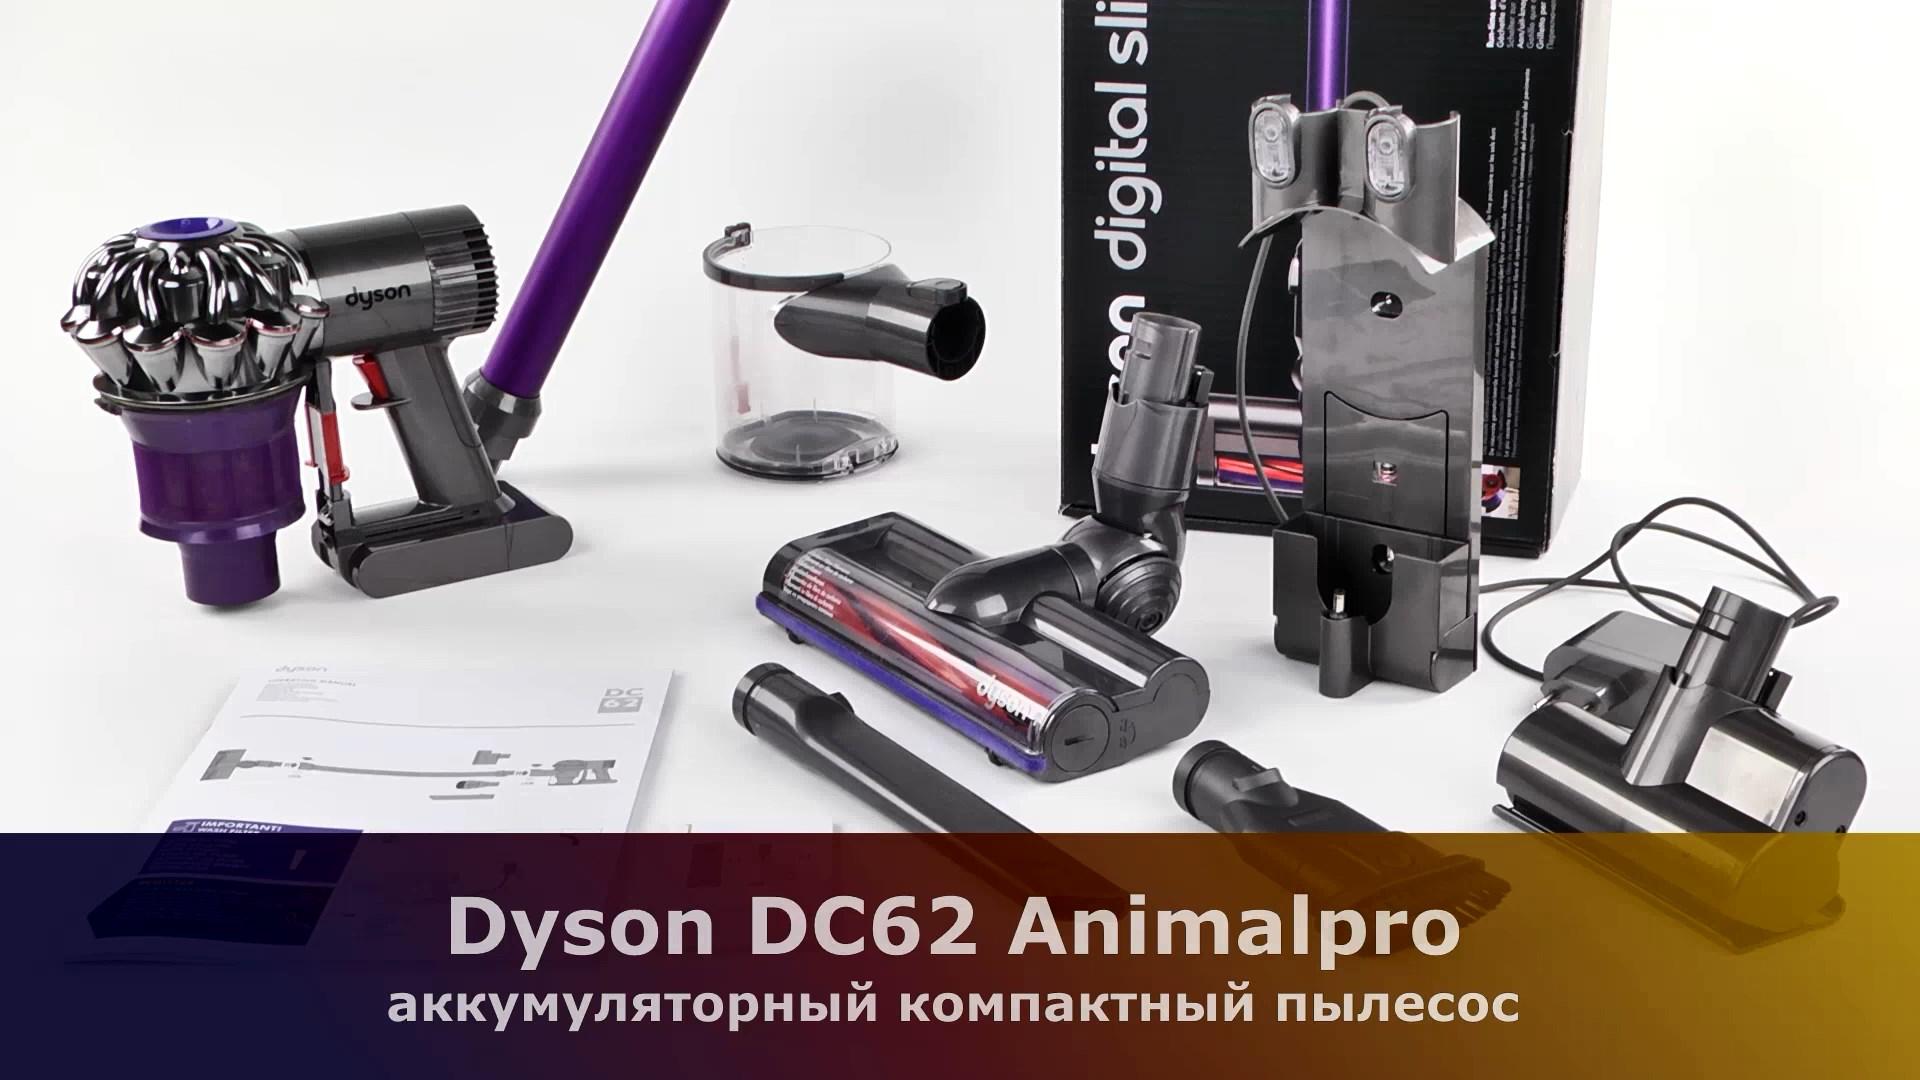 пылесос dyson dc62 видео